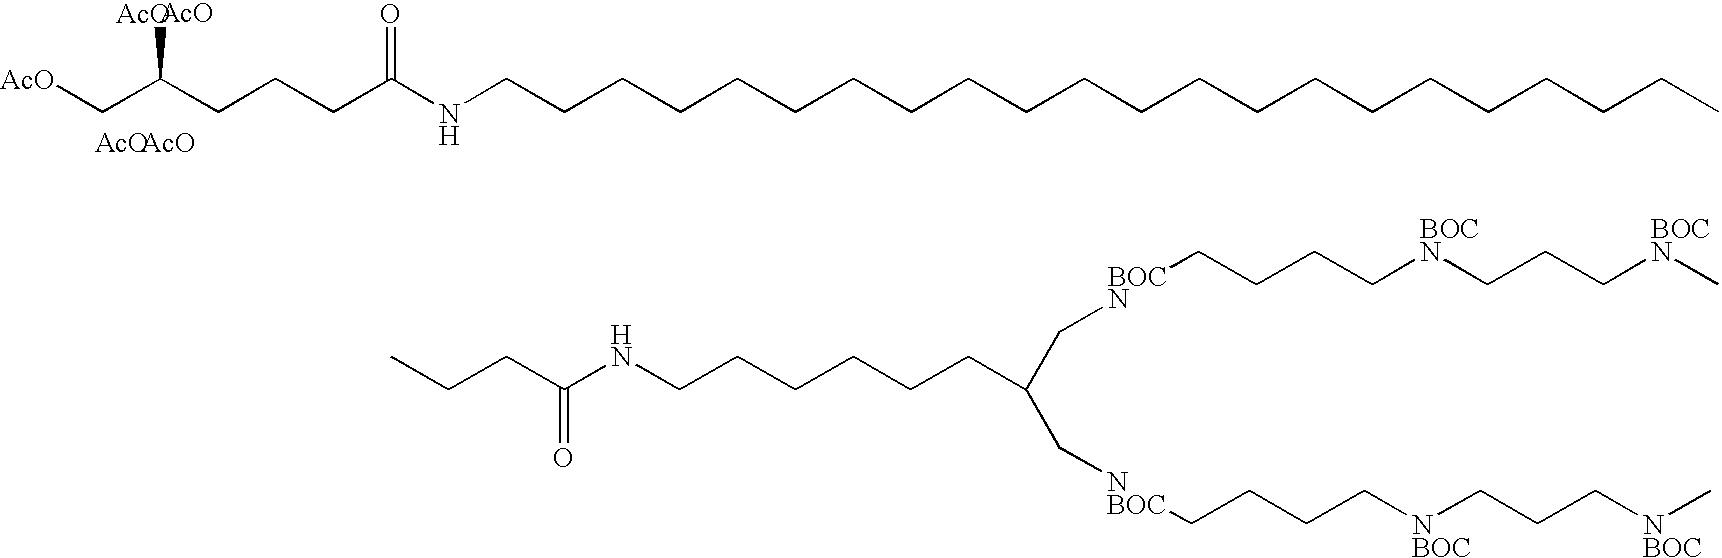 Figure US06583301-20030624-C00107